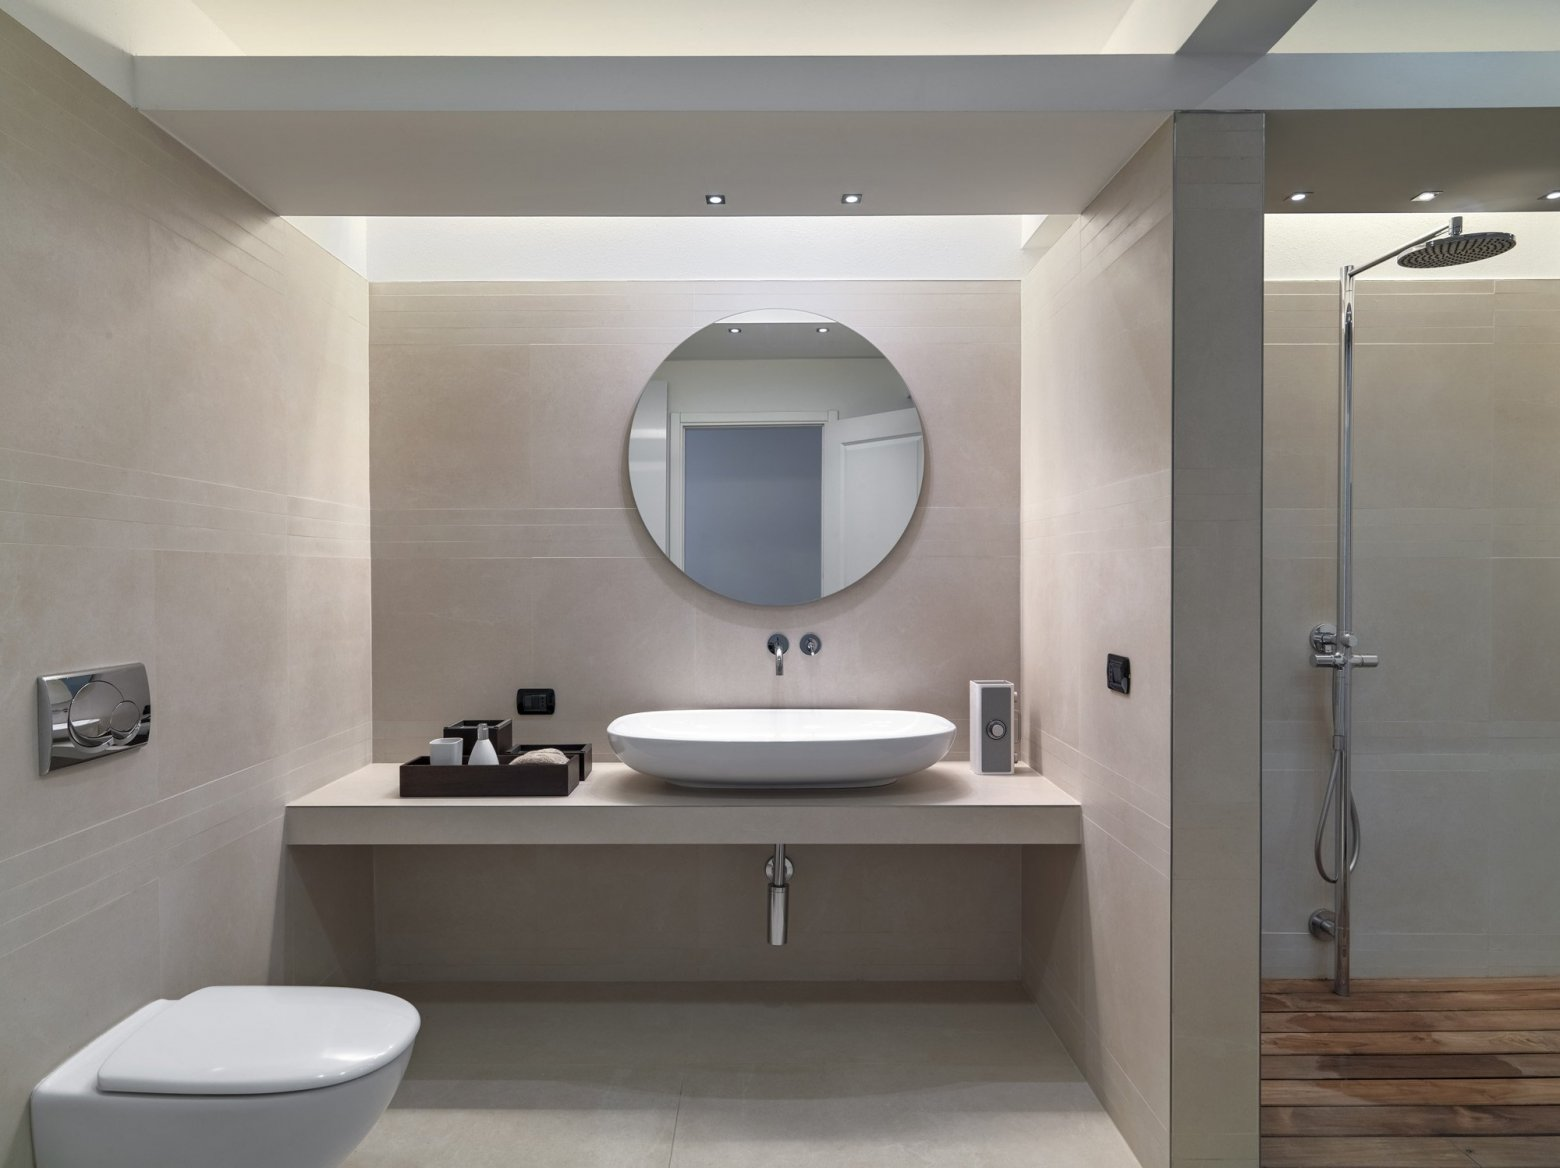 Badkamerrenovatie ga voor van calster kwaliteit aan de laagste prijs